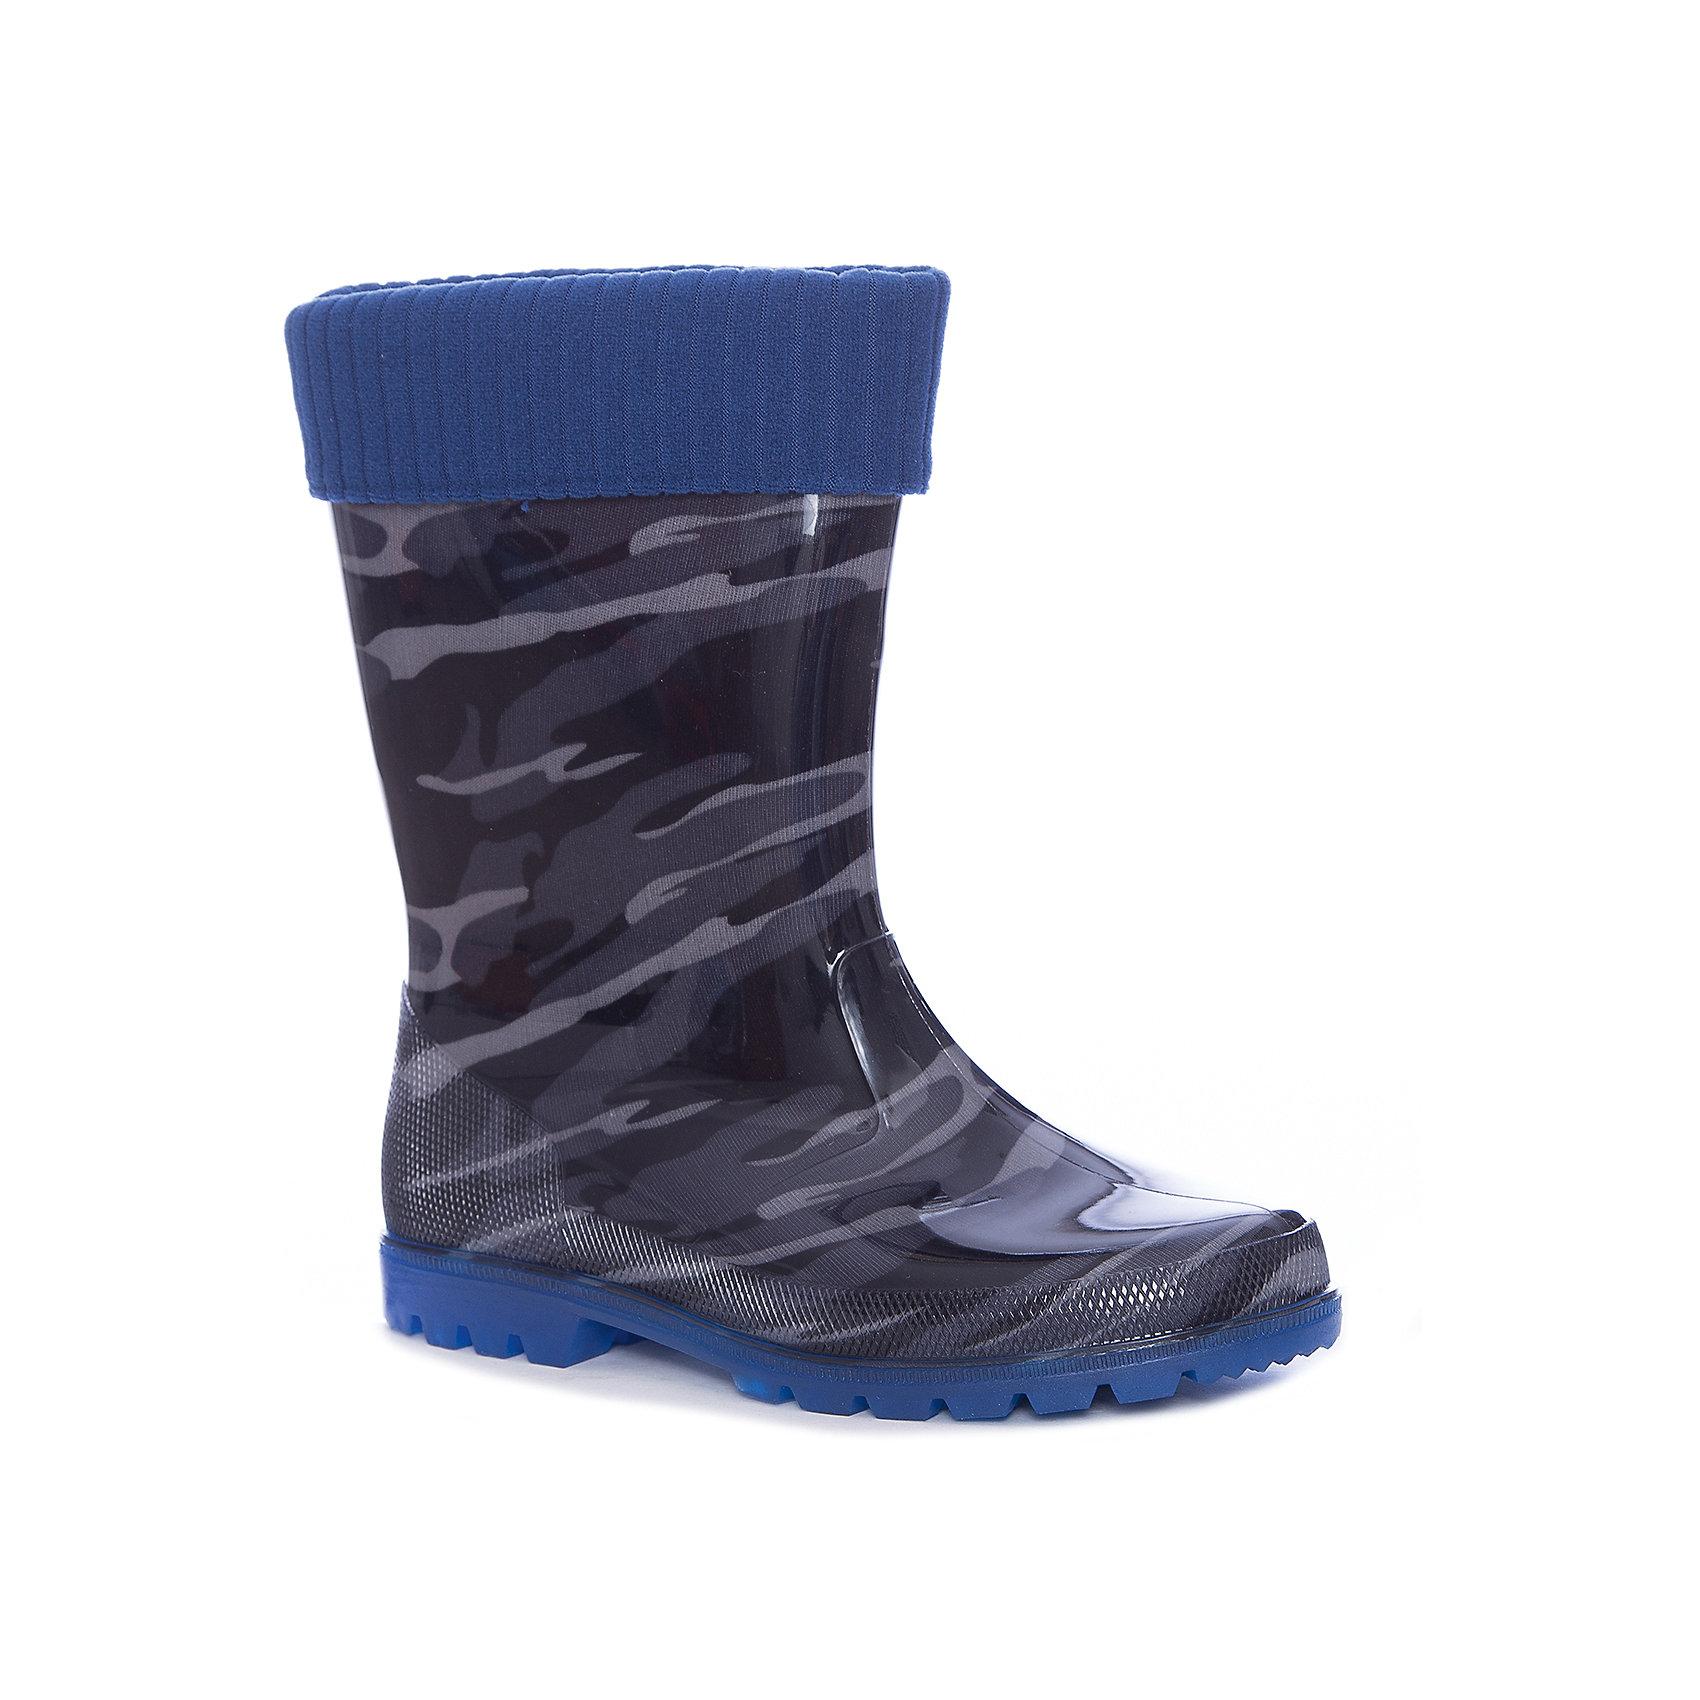 Резиновые сапоги Kapika для мальчикаРезиновые сапоги<br>Характеристики товара:<br><br>• цвет: черный<br>• внешний материал: ПВХ, текстиль<br>• внутренний материал: текстиль<br>• стелька: натуральная кожа<br>• подошва: ПВХ<br>• сезон: демисезон<br>• температурный режим: от 0 до +20<br>• со светодиодами <br>• съемный внутренний сапожок <br>• непромокаемые<br>• анатомические <br>• страна бренда: Россия<br>• страна изготовитель: Китай<br><br>Эта модель детских резиновых сапог обеспечить ногам сухость и комфорт в межсезонье. Резиновые сапоги Kapika модно выглядят и удобно сидят на ноге. <br><br>Модель дополнена теплым вынимающимся сапожком. Сапоги сделаны из прочного материала, подходят для осеннего и весеннего сезона. Обувь для детей от популярного бренда Капика - это качественные и удобные товары. <br><br>Сапоги для девочки Kapika (Капика) можно купить в нашем интернет-магазине.<br><br>Ширина мм: 257<br>Глубина мм: 180<br>Высота мм: 130<br>Вес г: 420<br>Цвет: черный<br>Возраст от месяцев: 132<br>Возраст до месяцев: 144<br>Пол: Мужской<br>Возраст: Детский<br>Размер: 35,31,32,33,34<br>SKU: 6937806